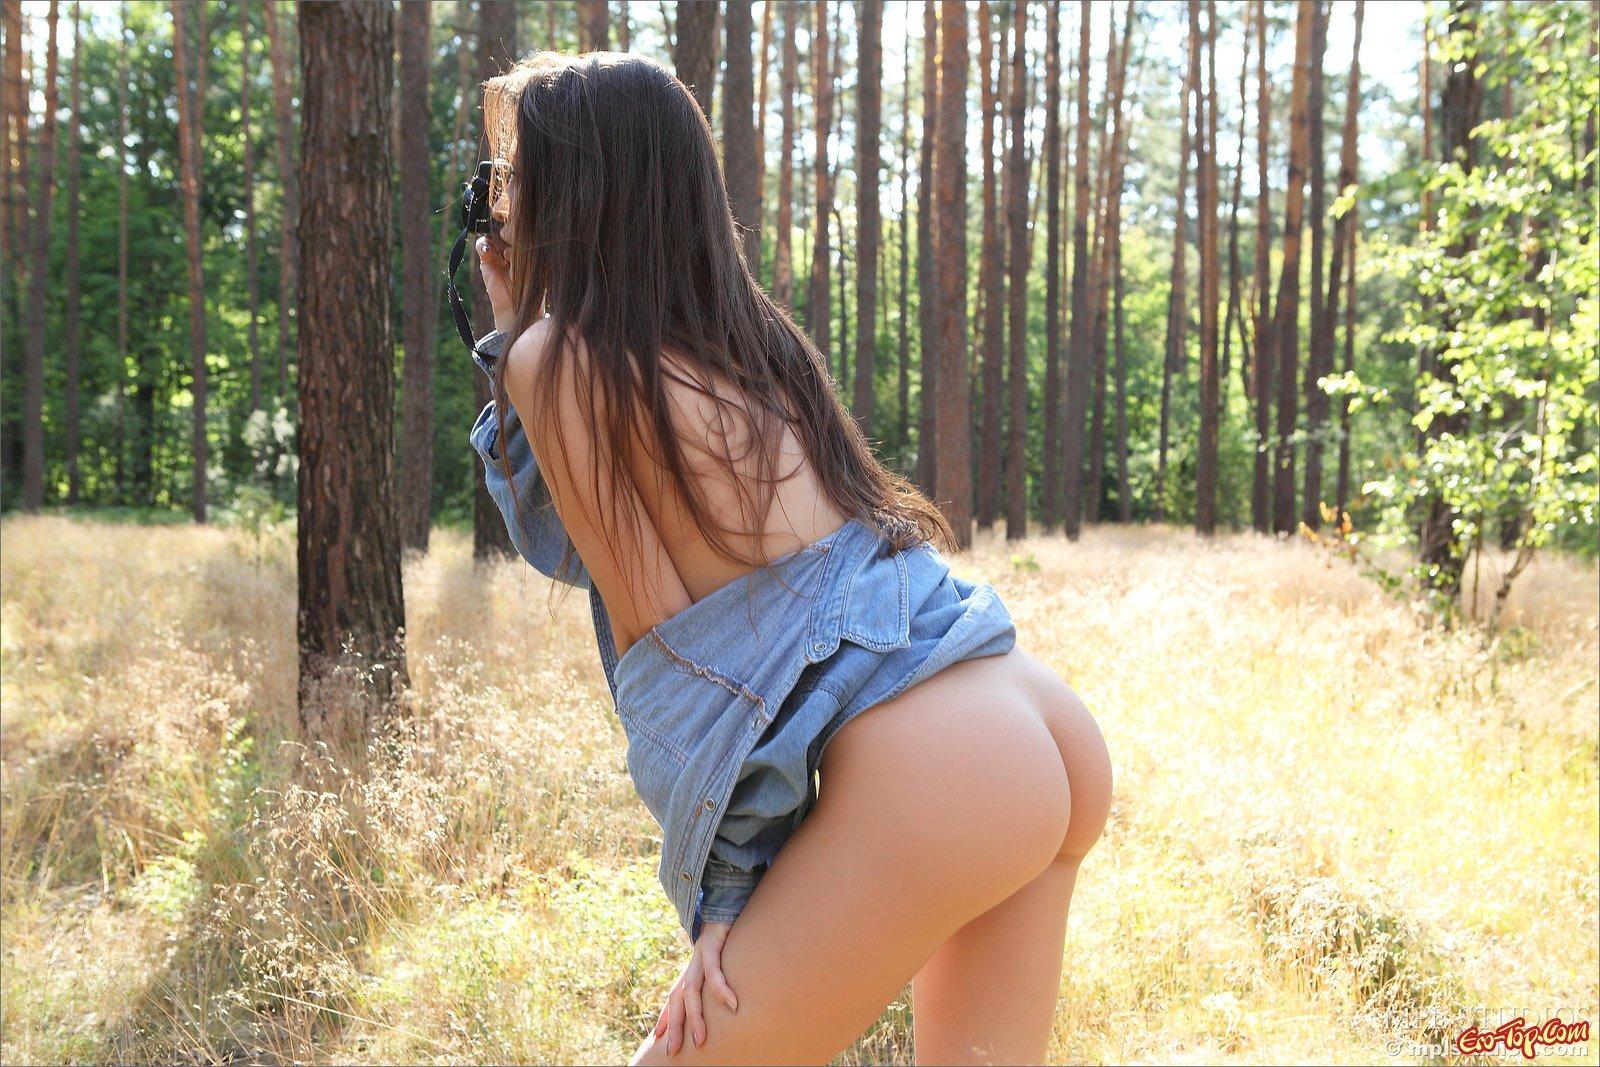 Шатенка в рубашке на голые сиськи красуется в лесу